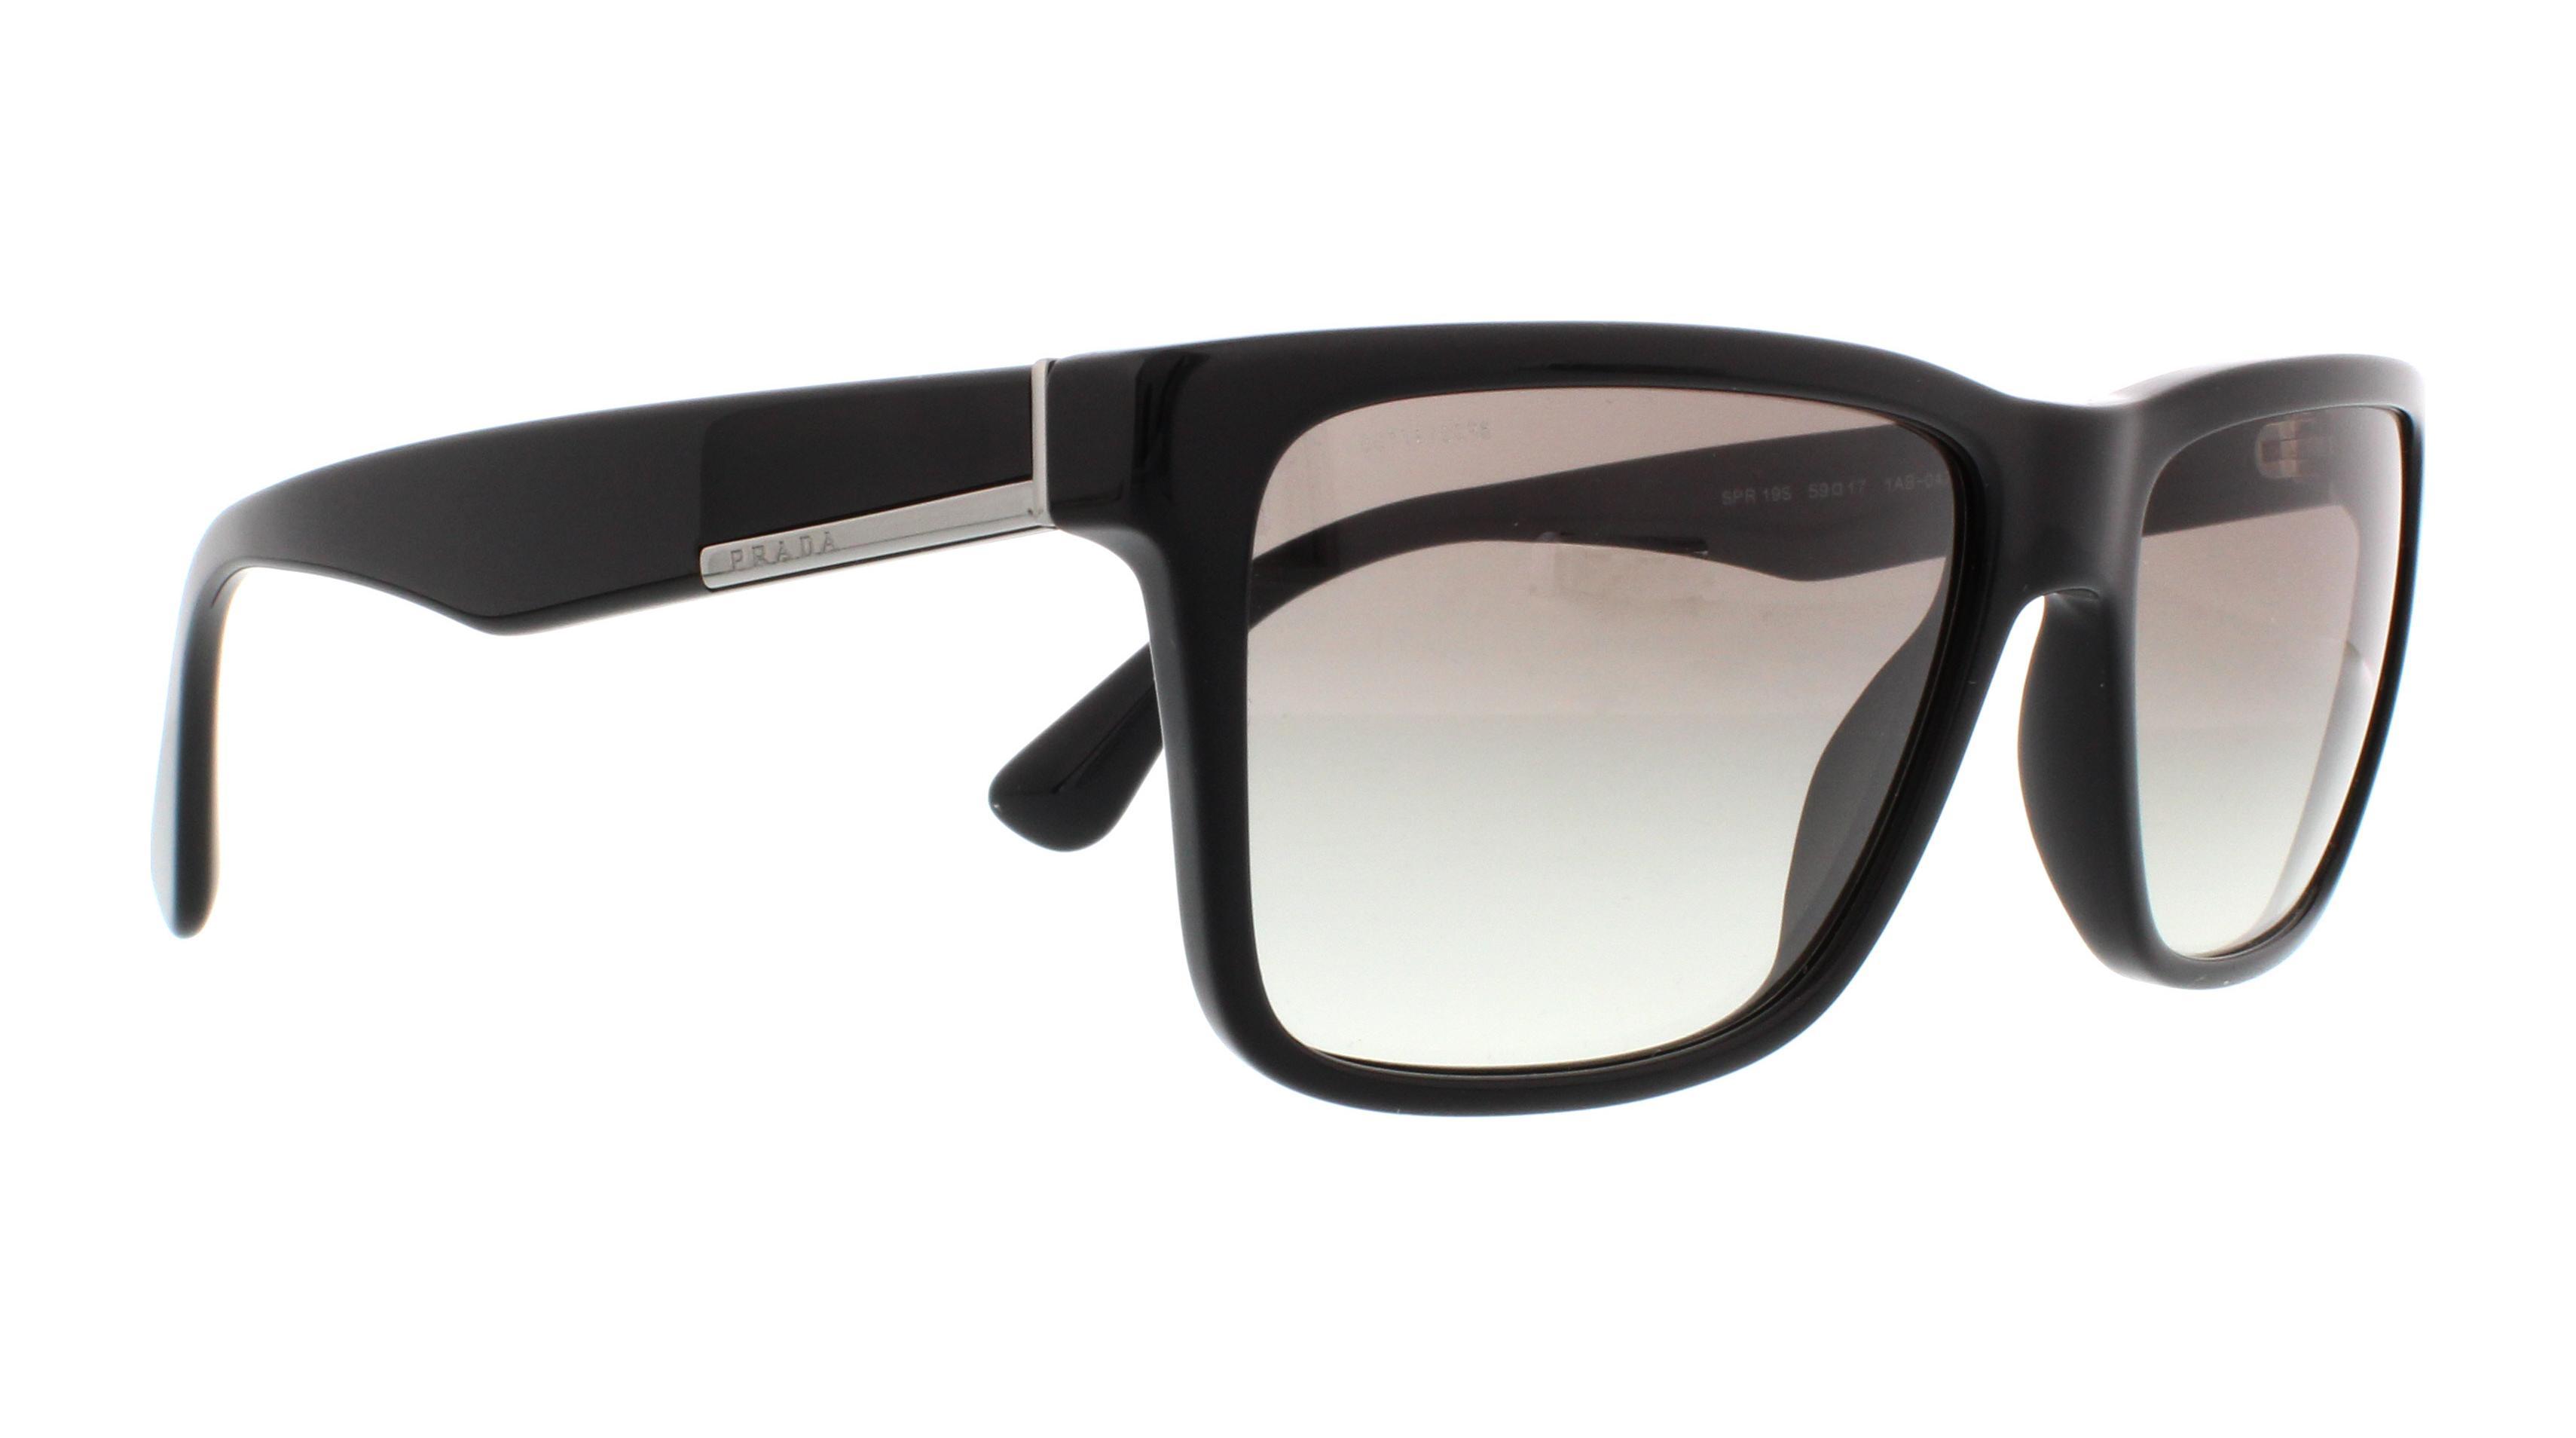 10939788b6 promo code prada pr 19ss sunglasses 6a2c5 cd5b1  australia prada sunglasses  pr19ss 1ab0a7 black 59mm d5e8f 96705